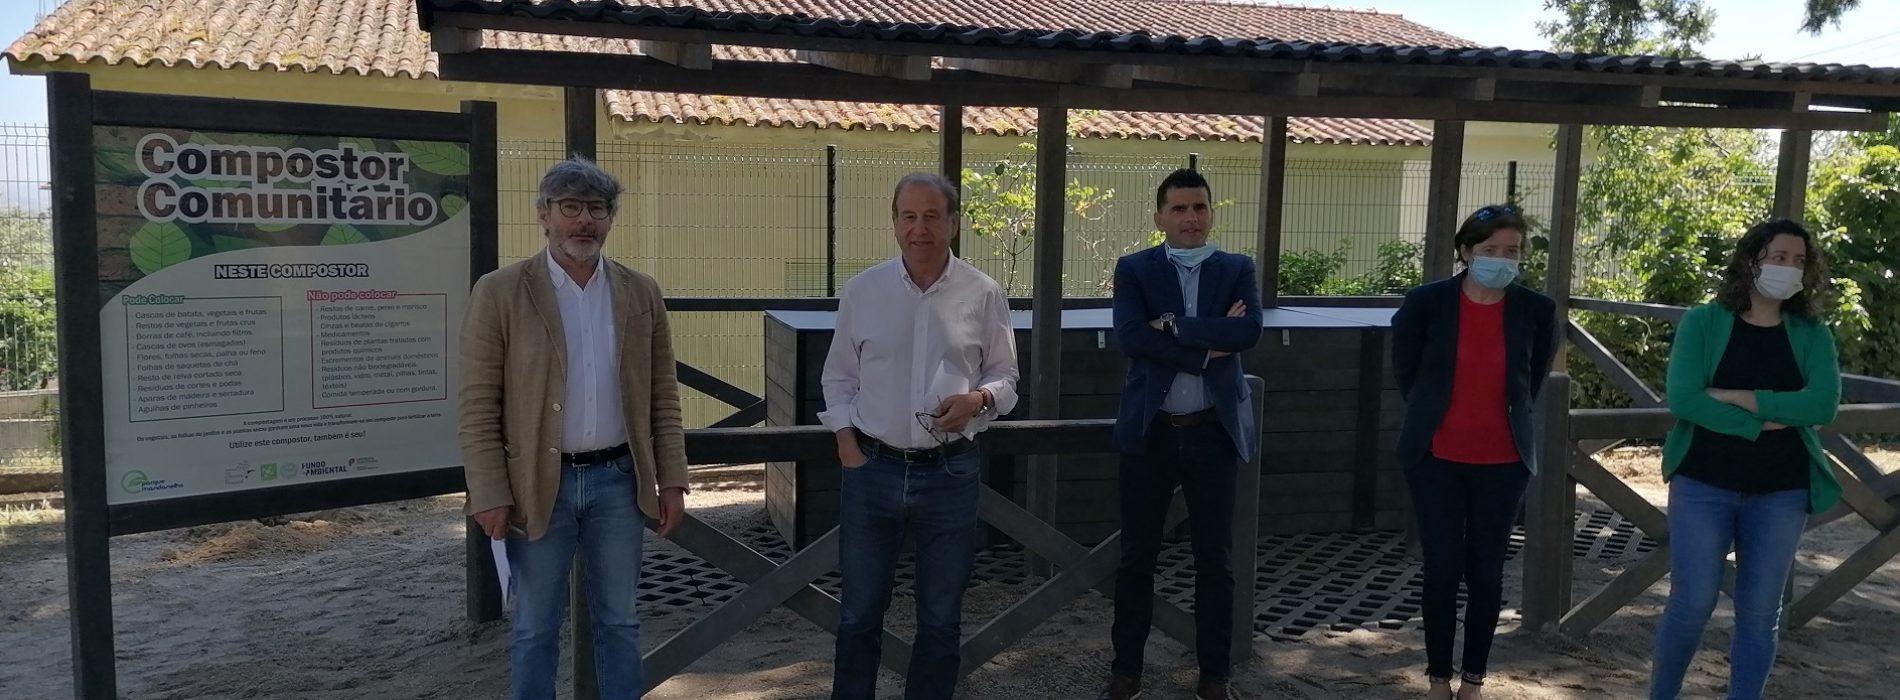 """Alexandrino apela à reciclagem no dia em que inaugura """"Compostor Comunitário"""". Promete aplicar coimas a quem deposite resíduos em matas (com vídeo)"""